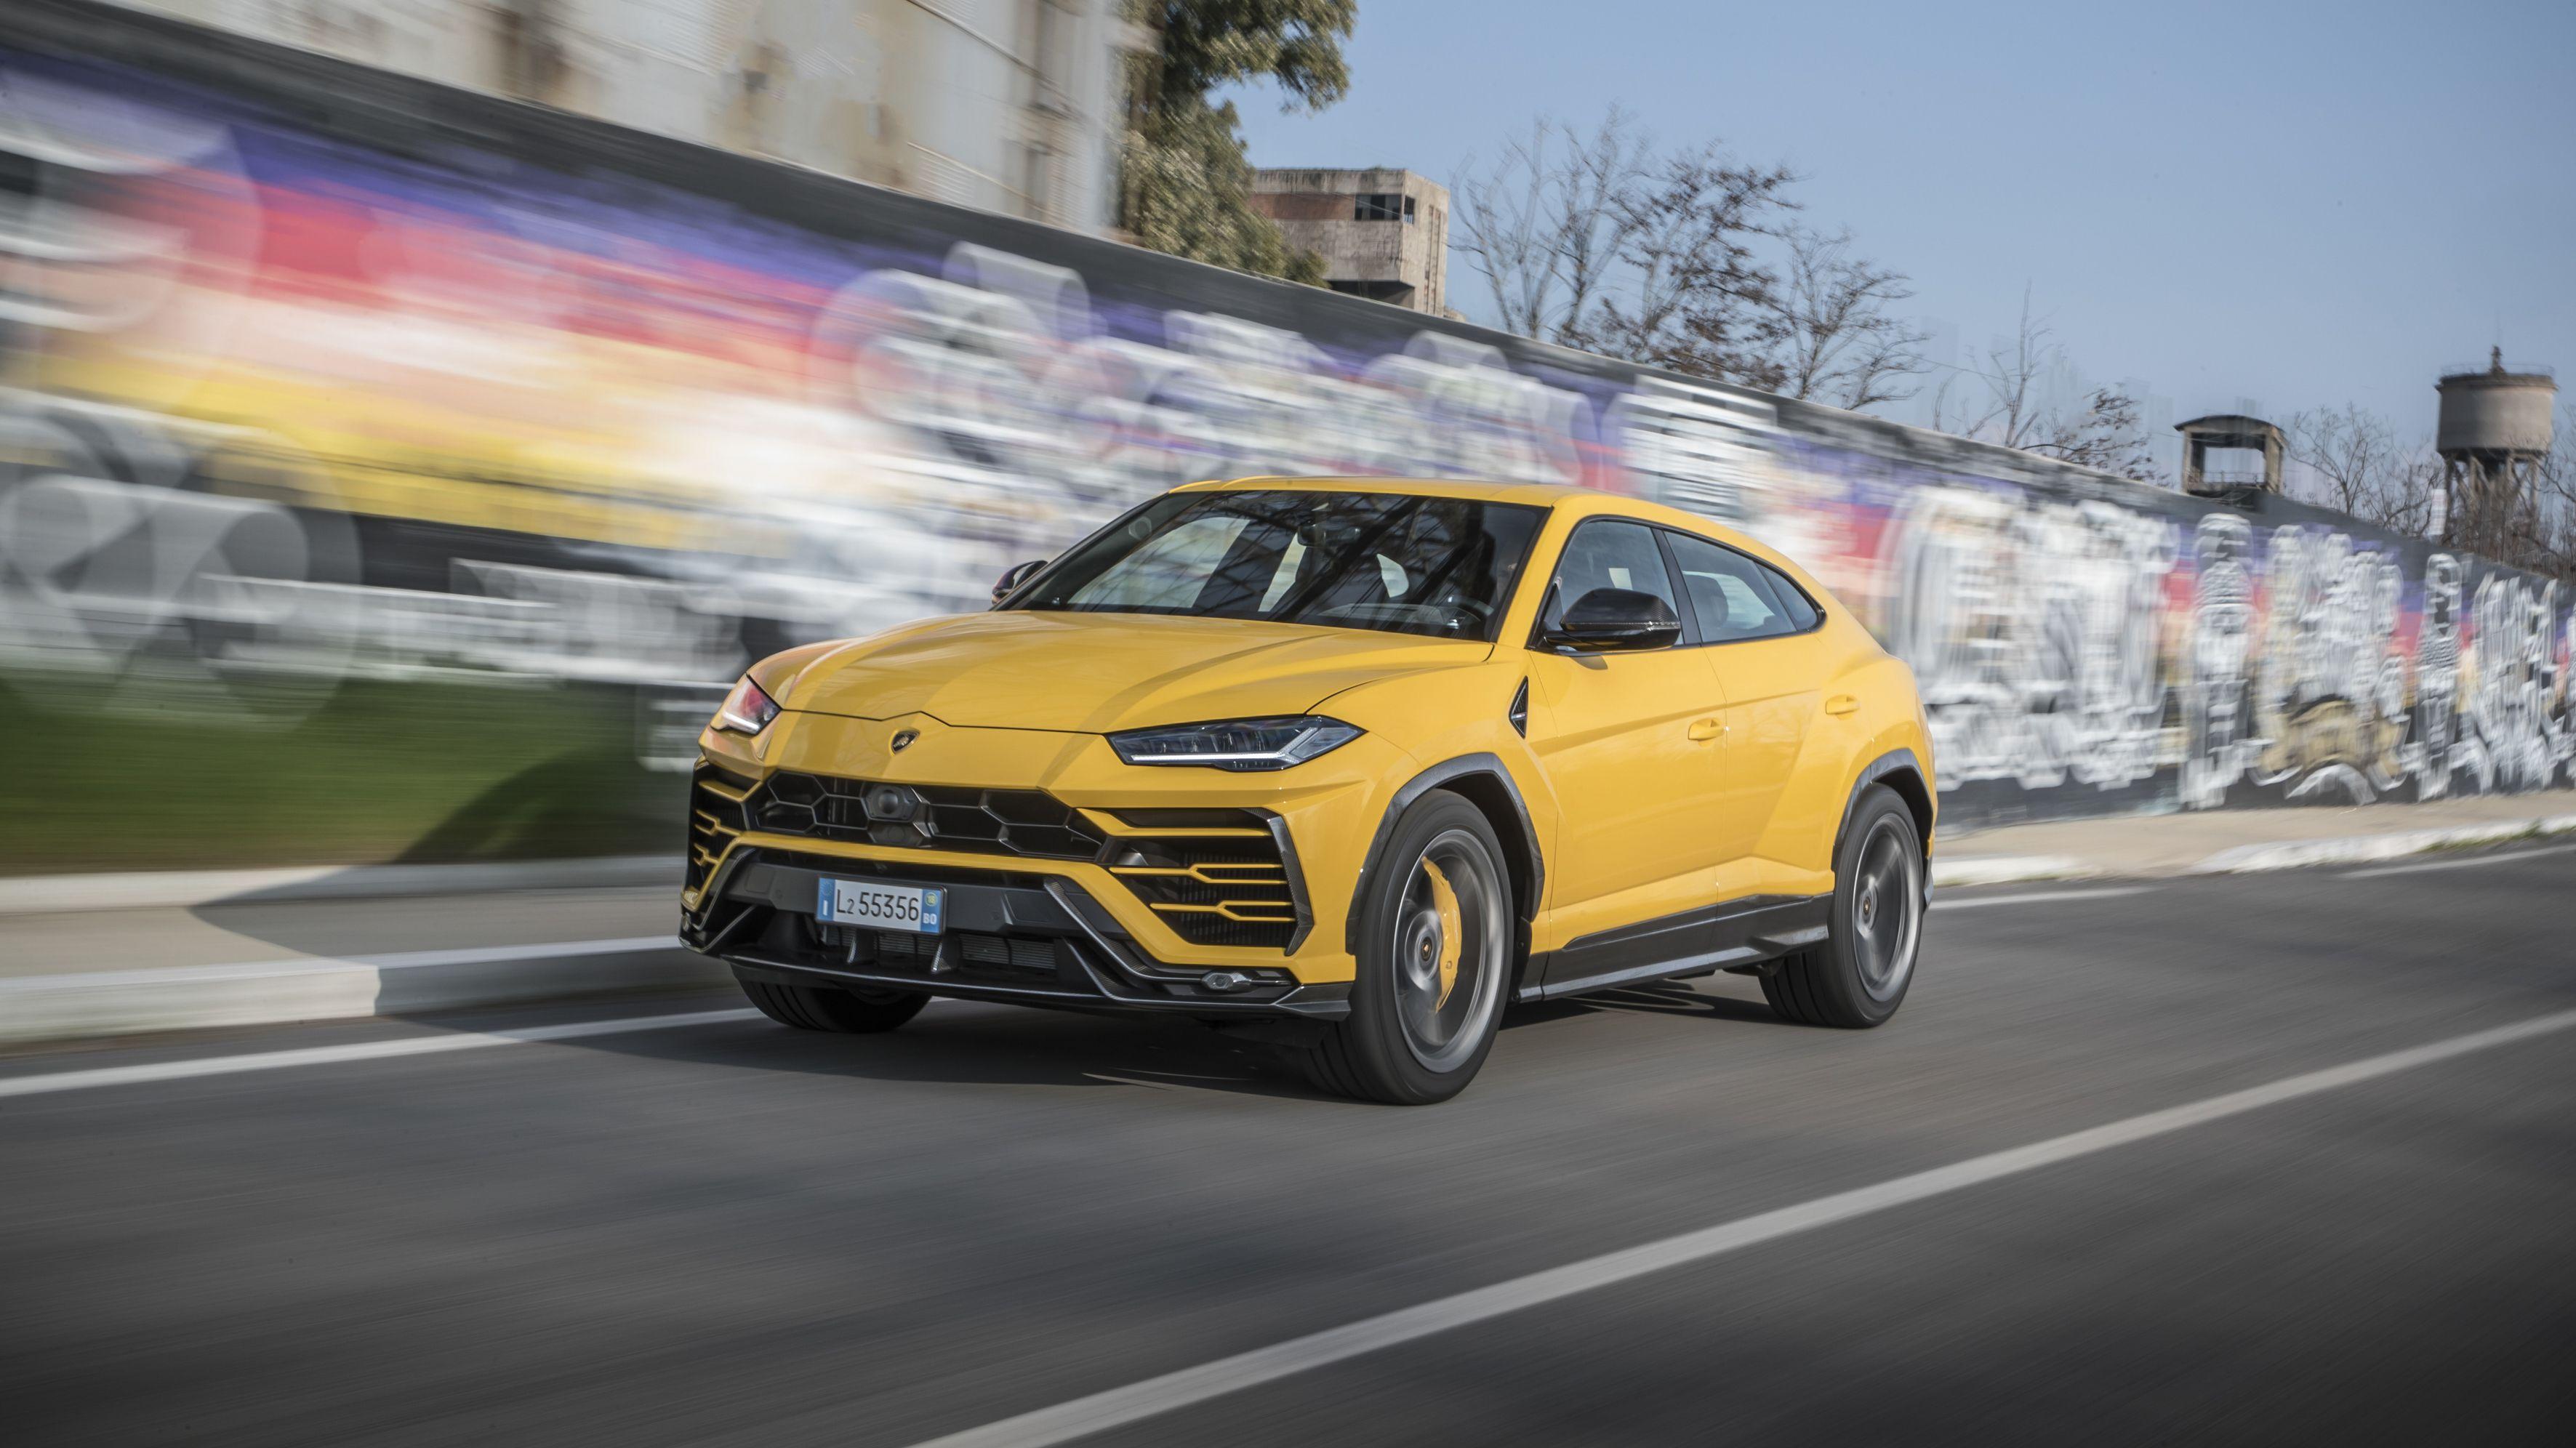 36++ Lamborghini urus 2018 Download